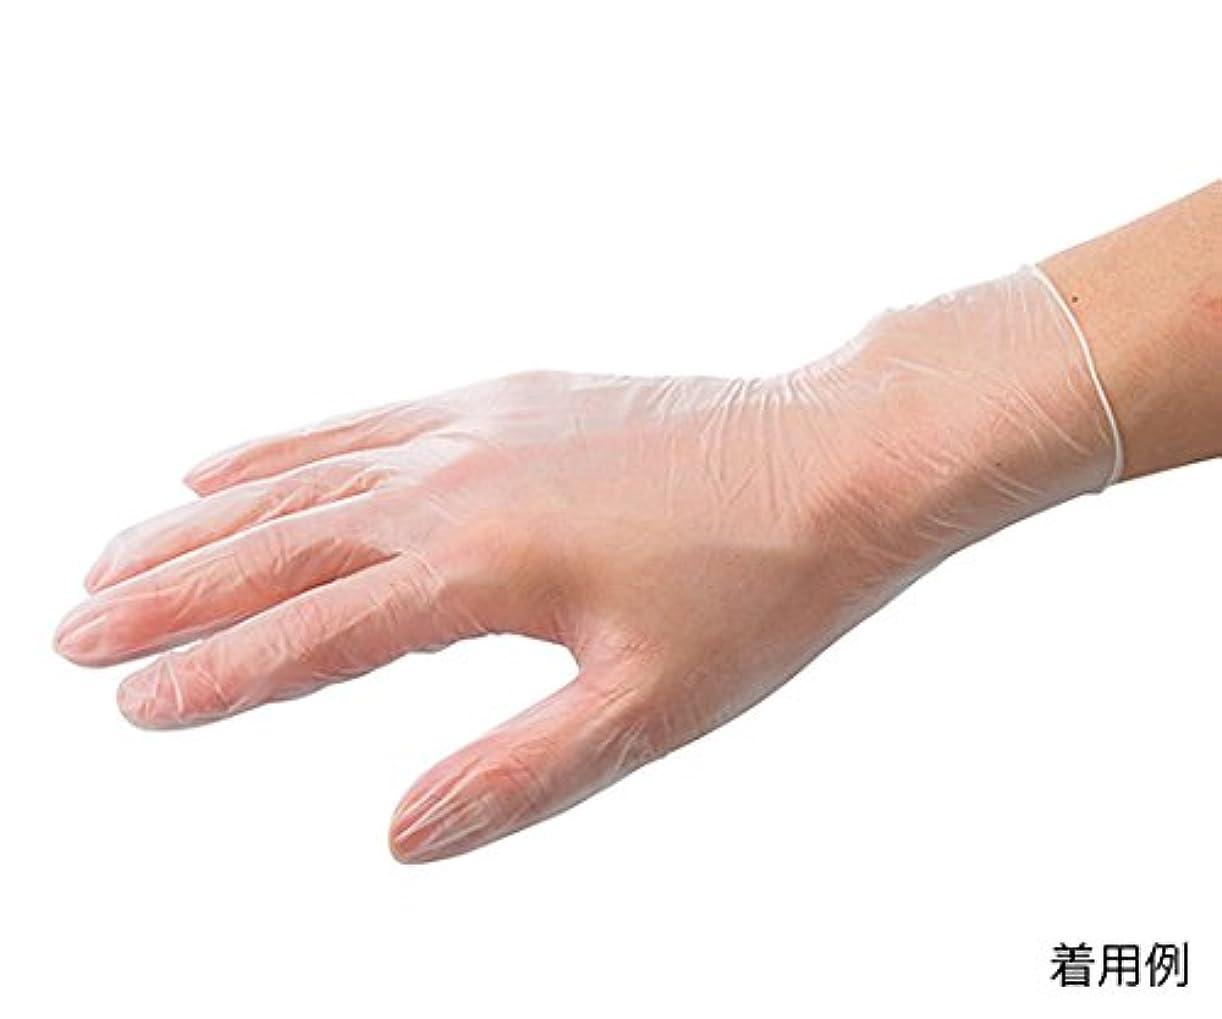 弁護士歴史レンジARメディコム?インク?アジアリミテッド7-3727-02バイタルプラスチック手袋(パウダー付き)M150枚入